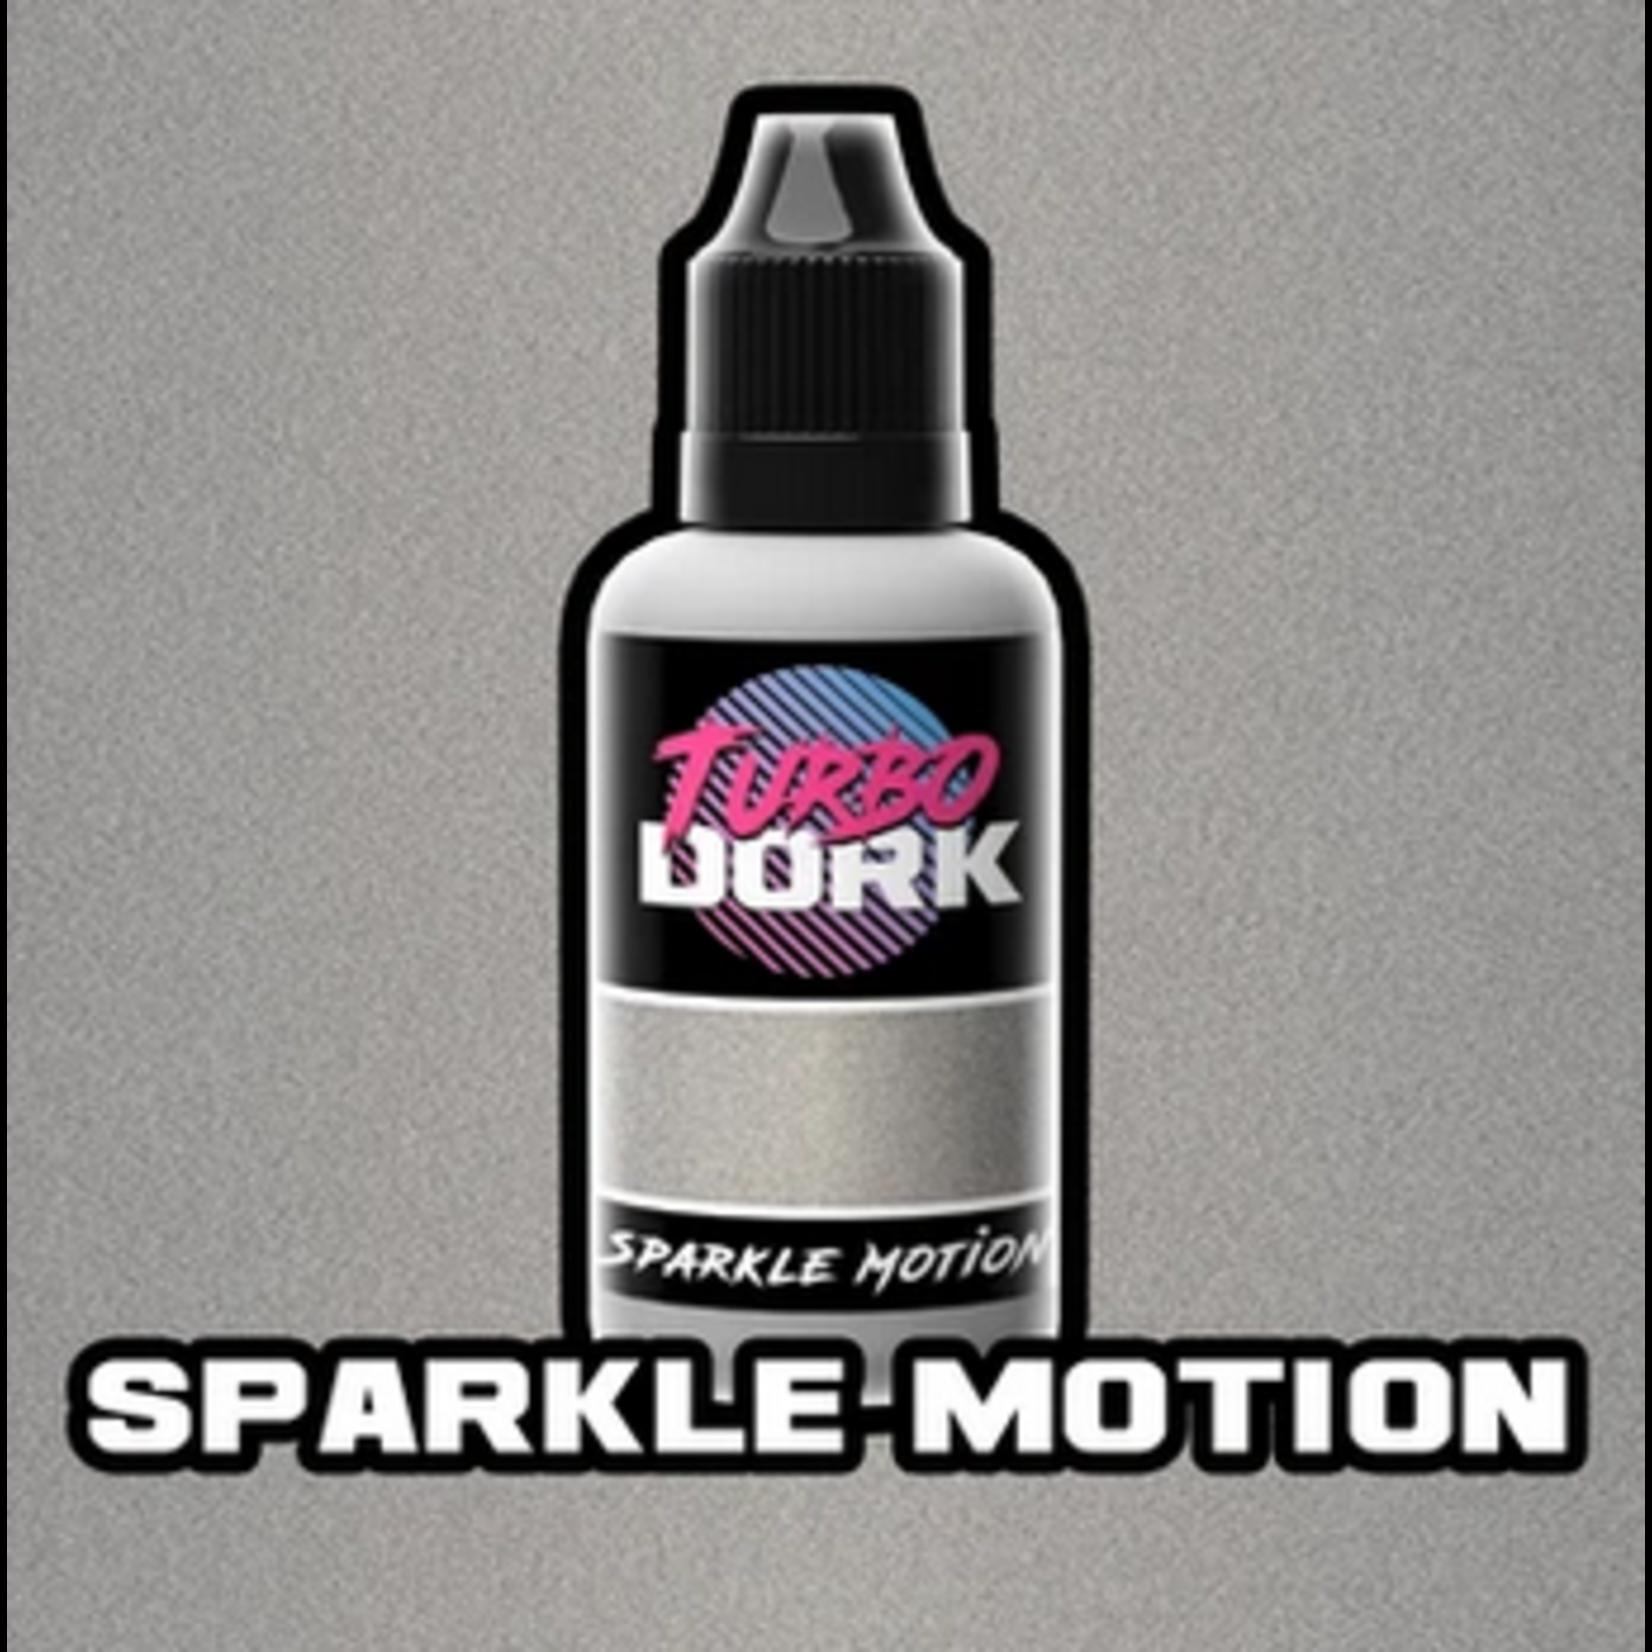 Turbo Dork: Sparkle Motion 20ml